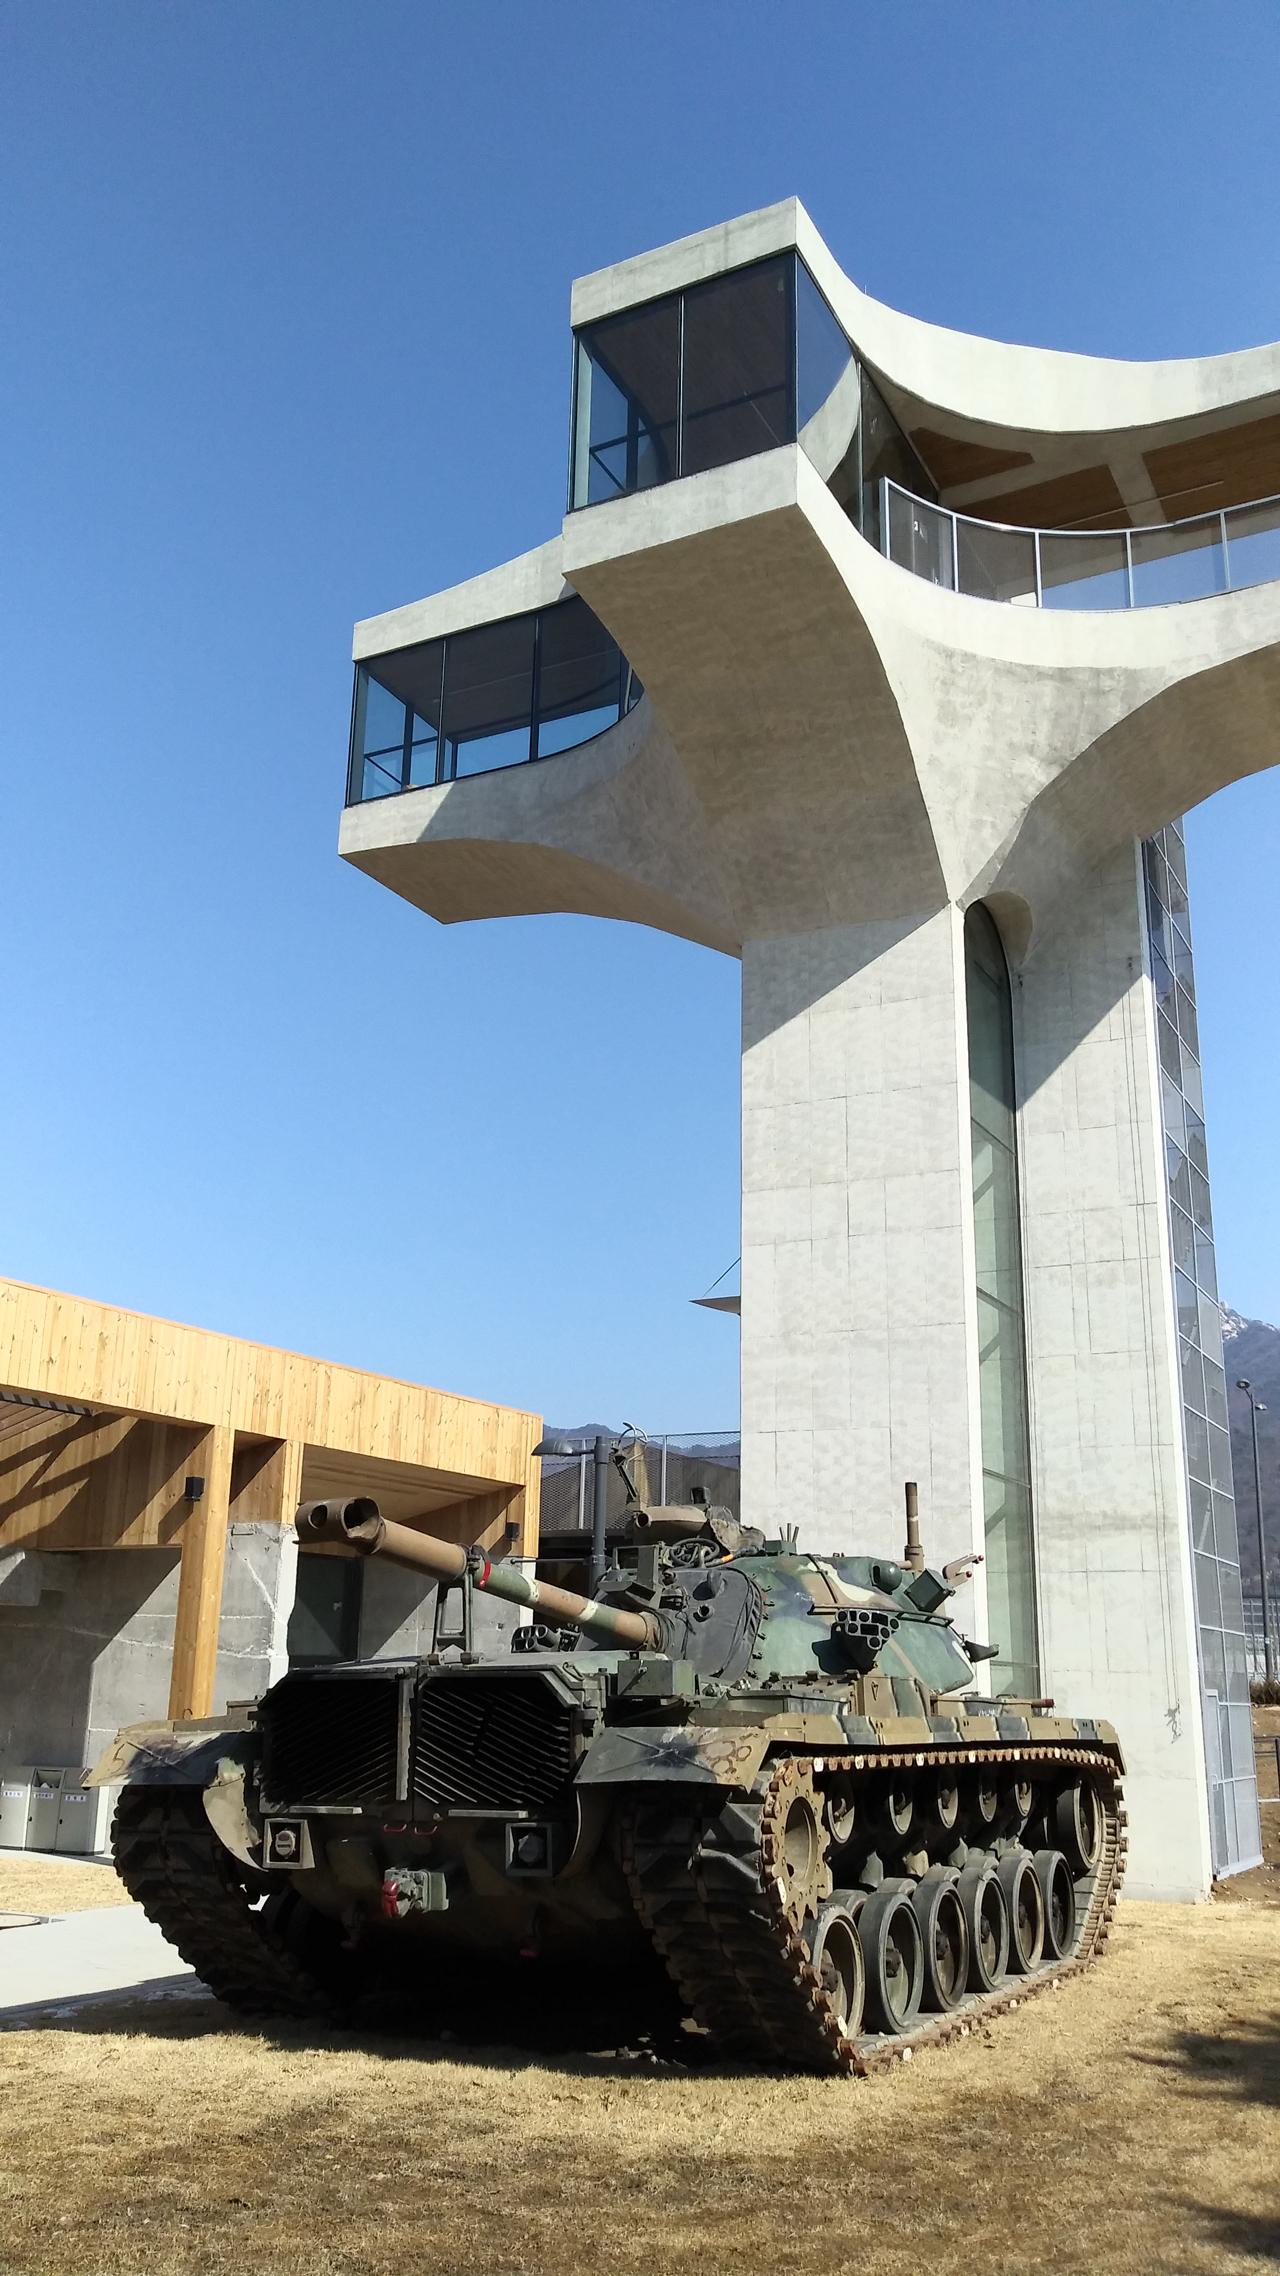 전망대와 탱크 3층 높이의 전망대도 있다. 아직 공사중. 3월에 열 계획이라 한다. 그리 높지 않지만 주변이 툭 터있는 곳이라 전망이 좋을 것 같다.